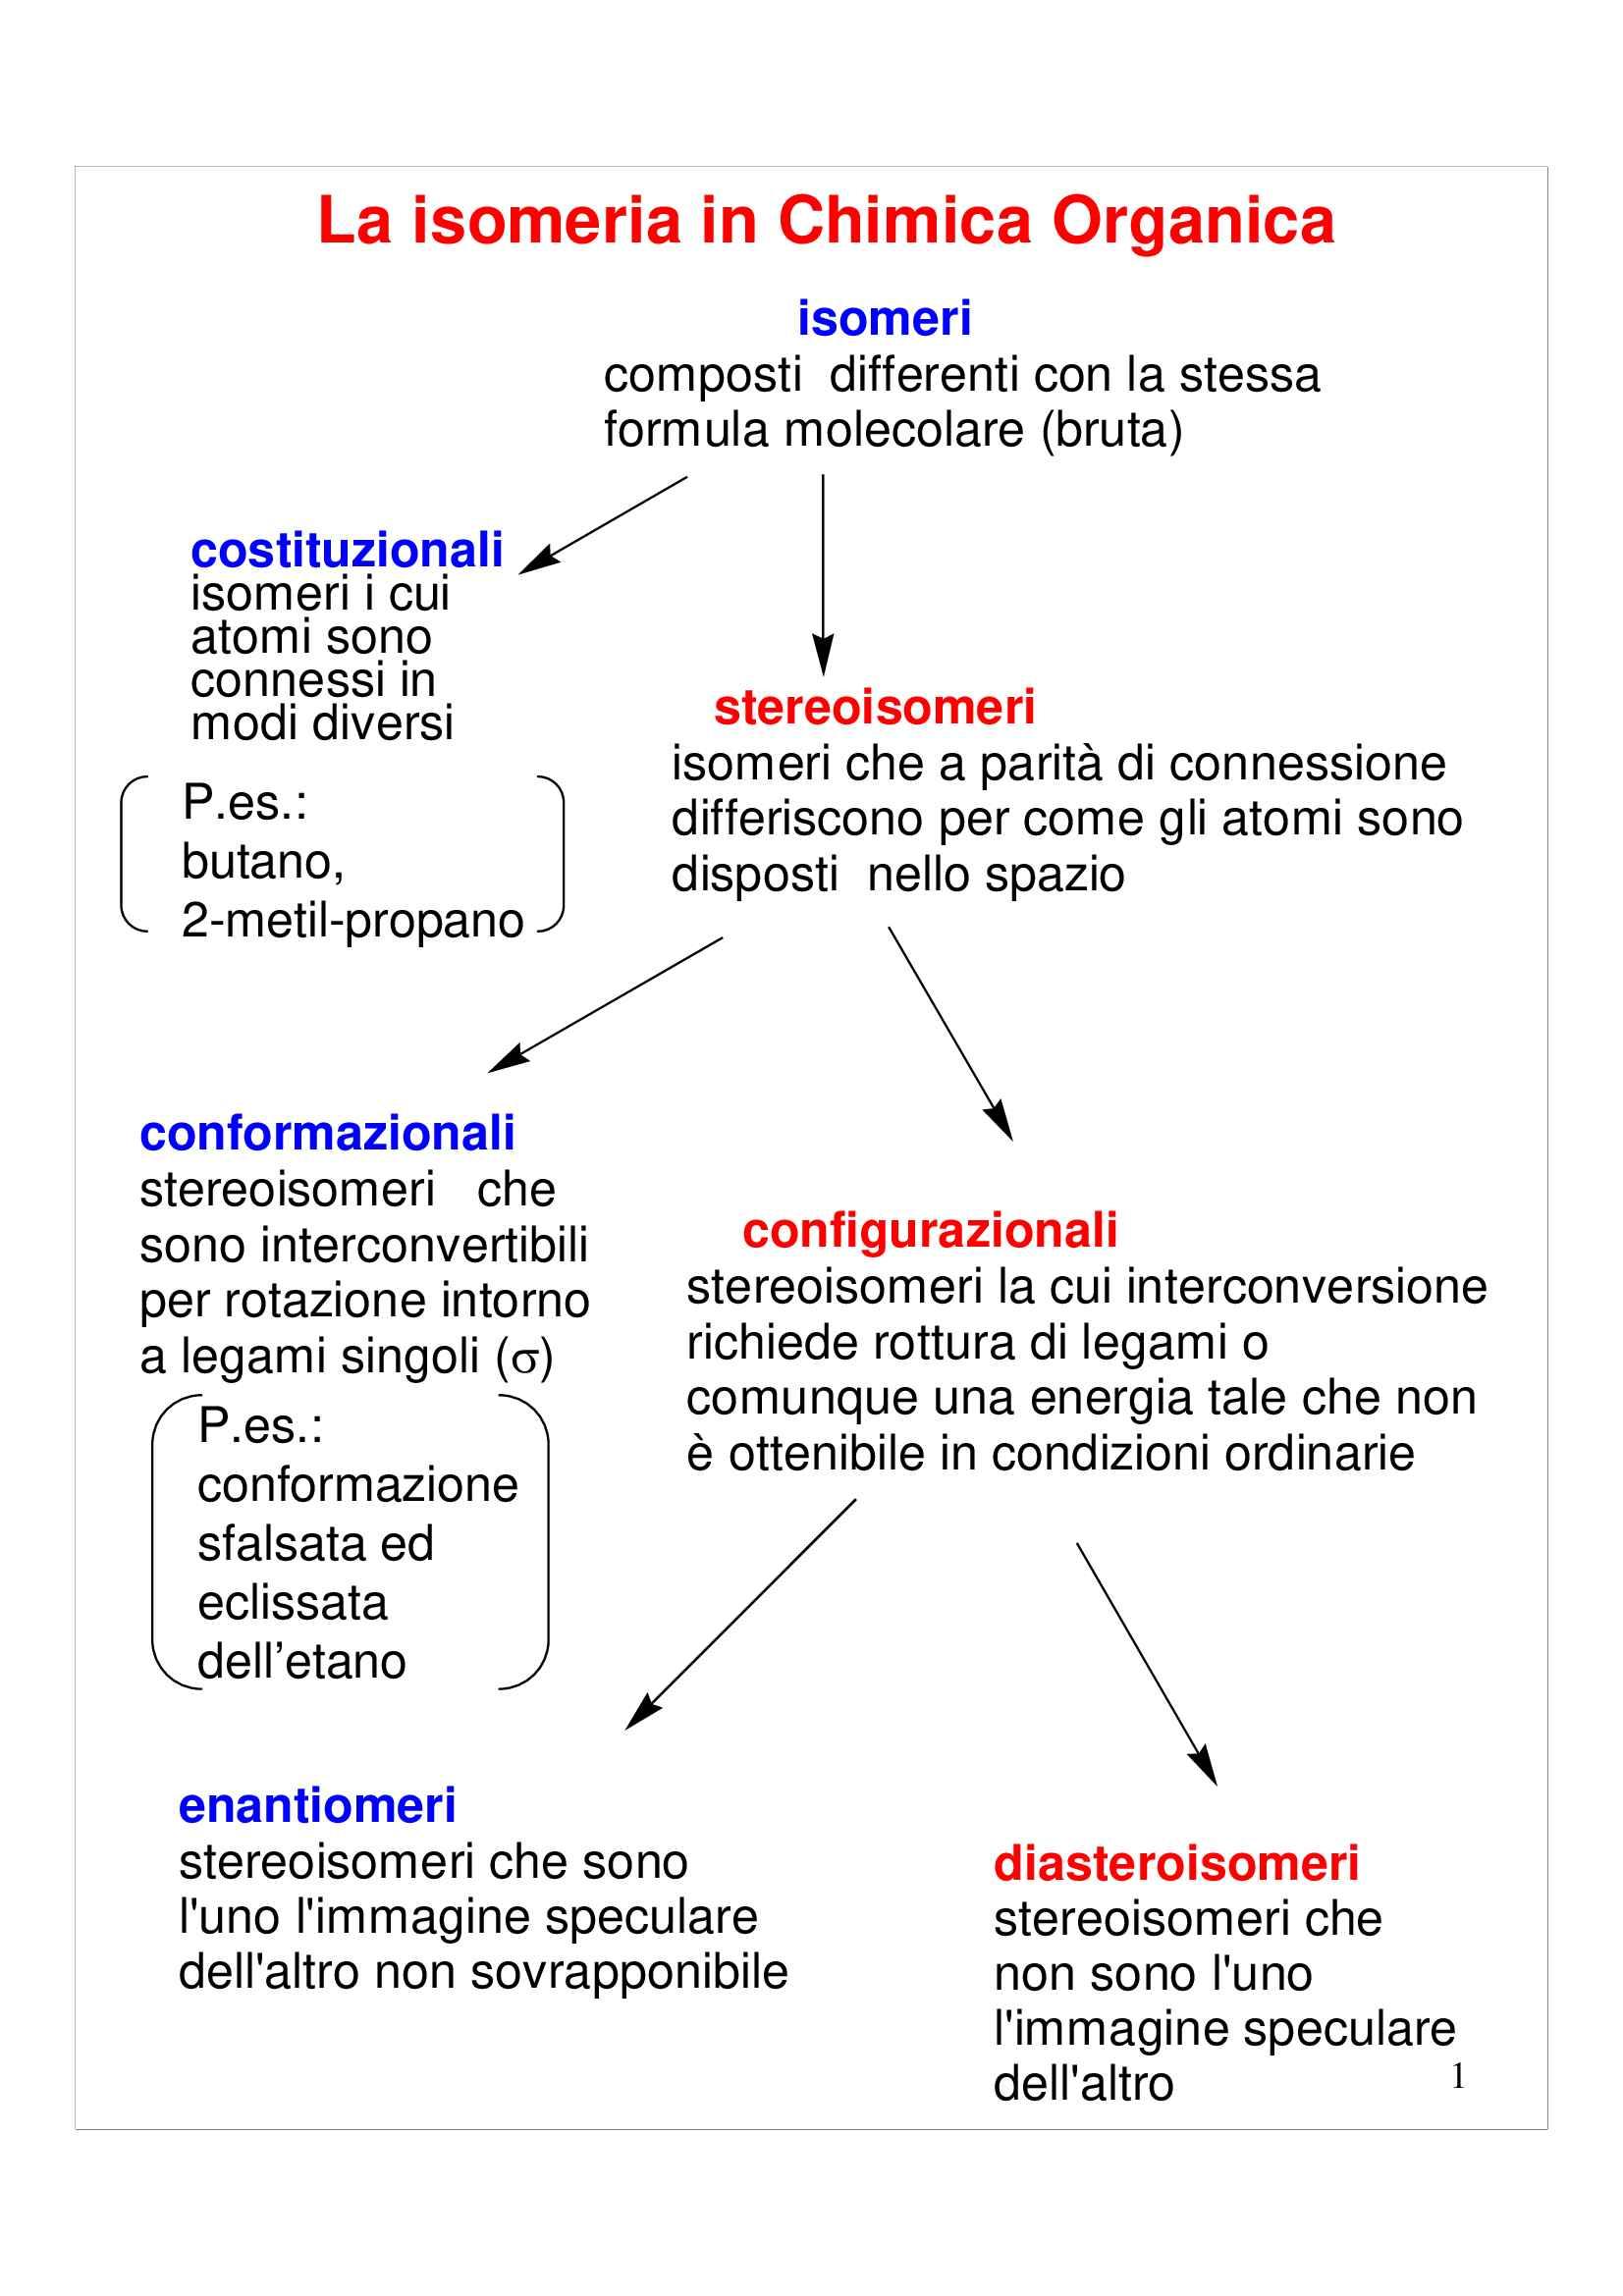 L'isomeria in chimica organica